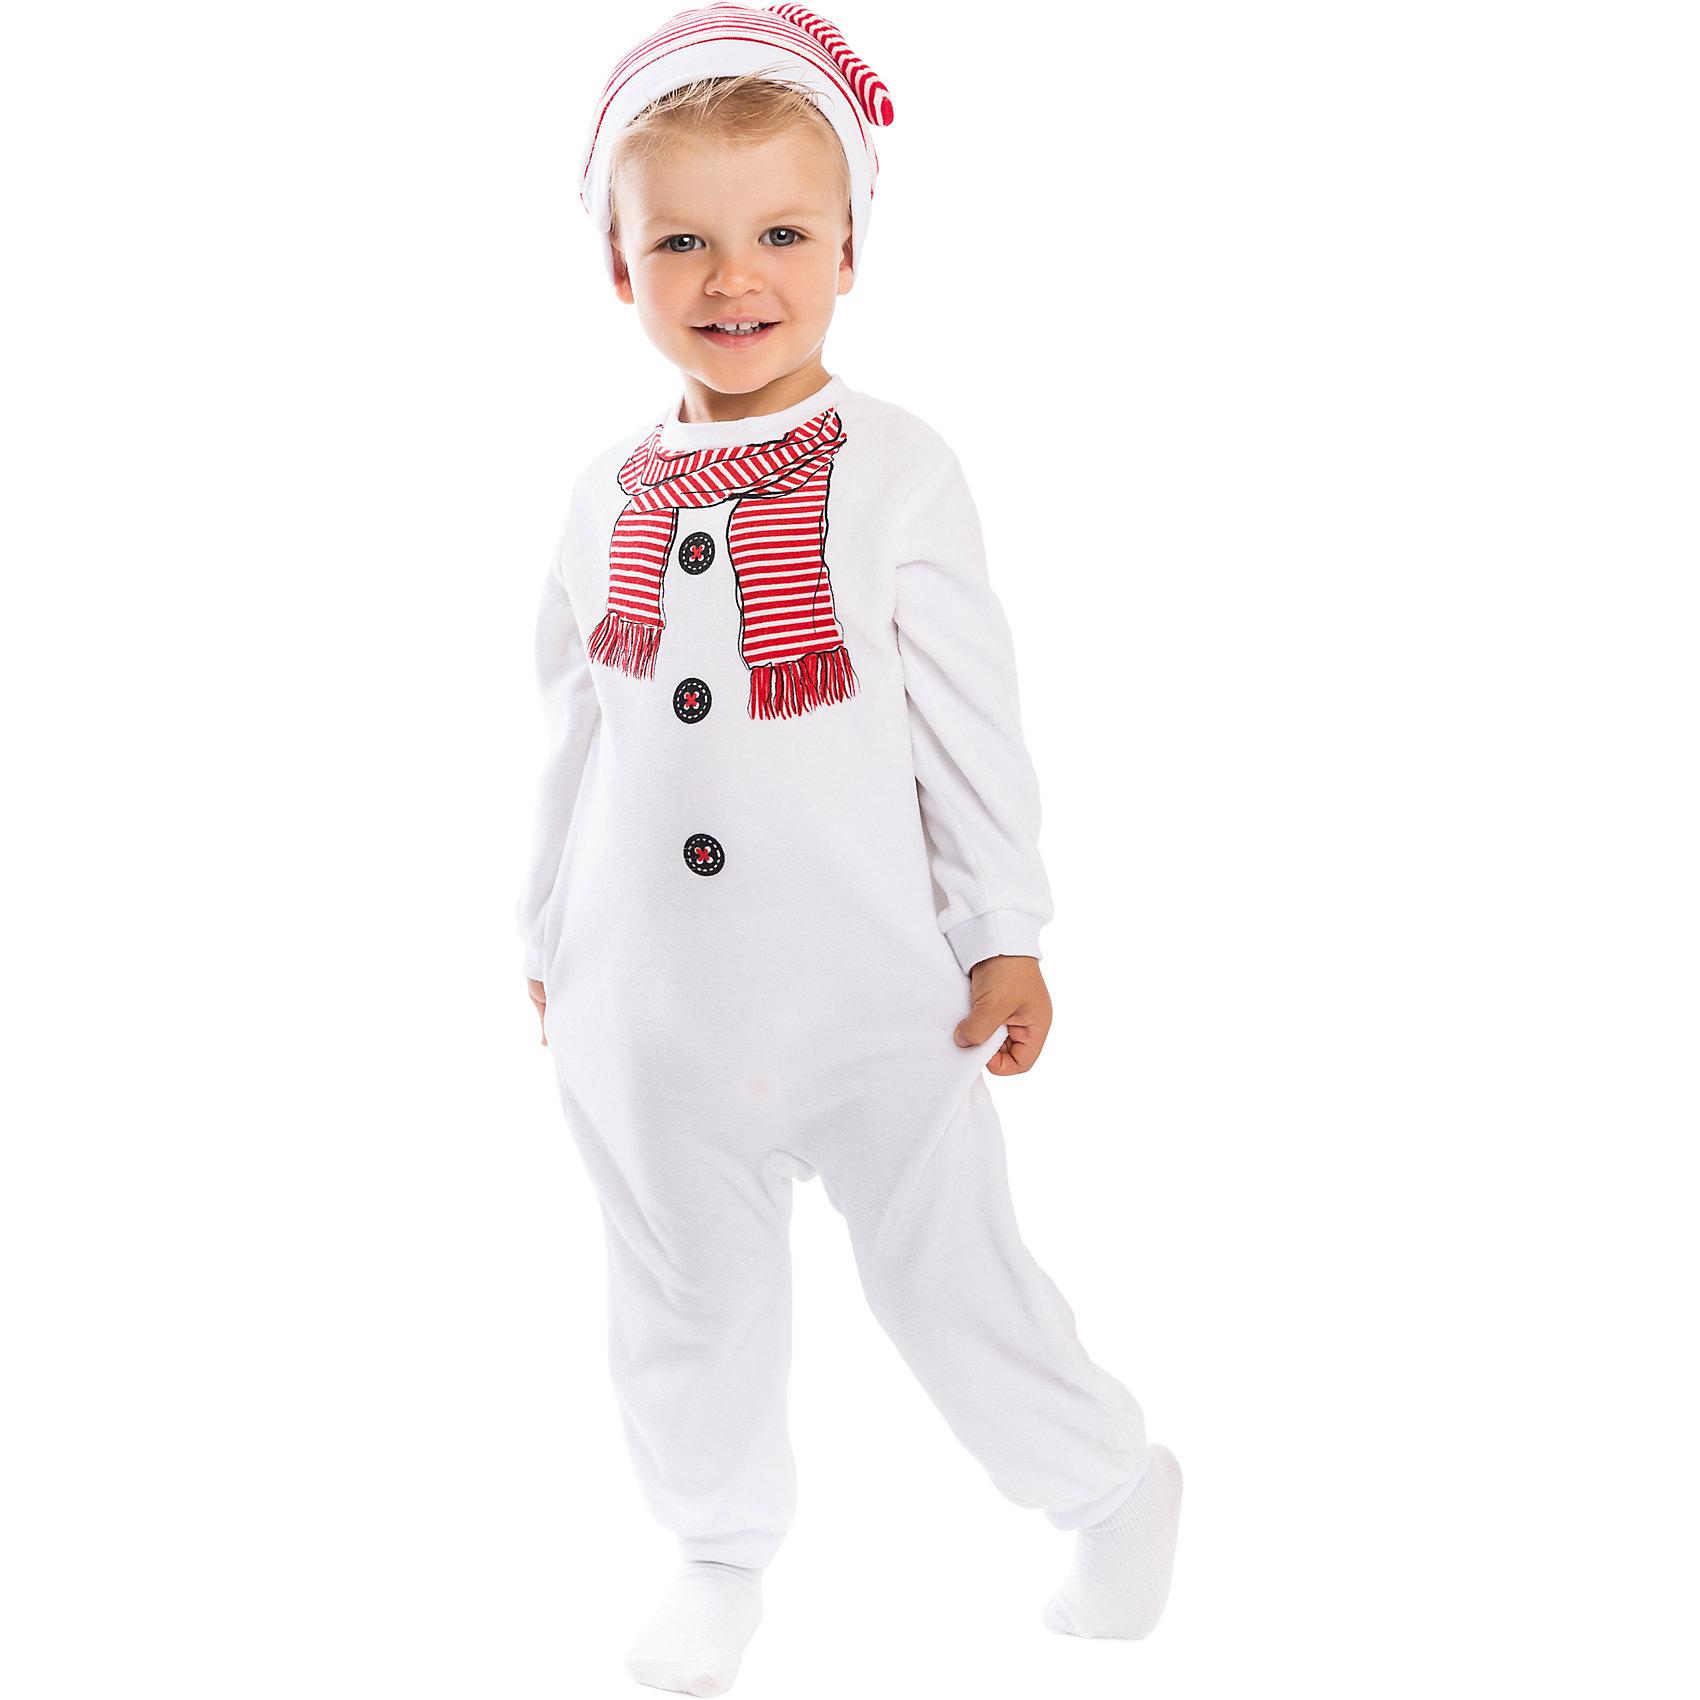 Комбинезон для мальчика PlayTodayКомбинезон для мальчика PlayToday <br><br>Состав: 80% хлопок, 20% полиэстер <br><br>Малыш будет выглядеть мило и забавно в мягком костюме снеговичка. <br>Он порадует и ребенка, и родителей. <br>Сзади удобные застежки-кнопочки. <br>На груди нарисованы пуговки и шарф, образ завершает полосатая шапочка. <br>Комплект приятный и теплый, как плюшевый.<br><br>Ширина мм: 157<br>Глубина мм: 13<br>Высота мм: 119<br>Вес г: 200<br>Цвет: белый<br>Возраст от месяцев: 12<br>Возраст до месяцев: 18<br>Пол: Мужской<br>Возраст: Детский<br>Размер: 92,86<br>SKU: 4305502